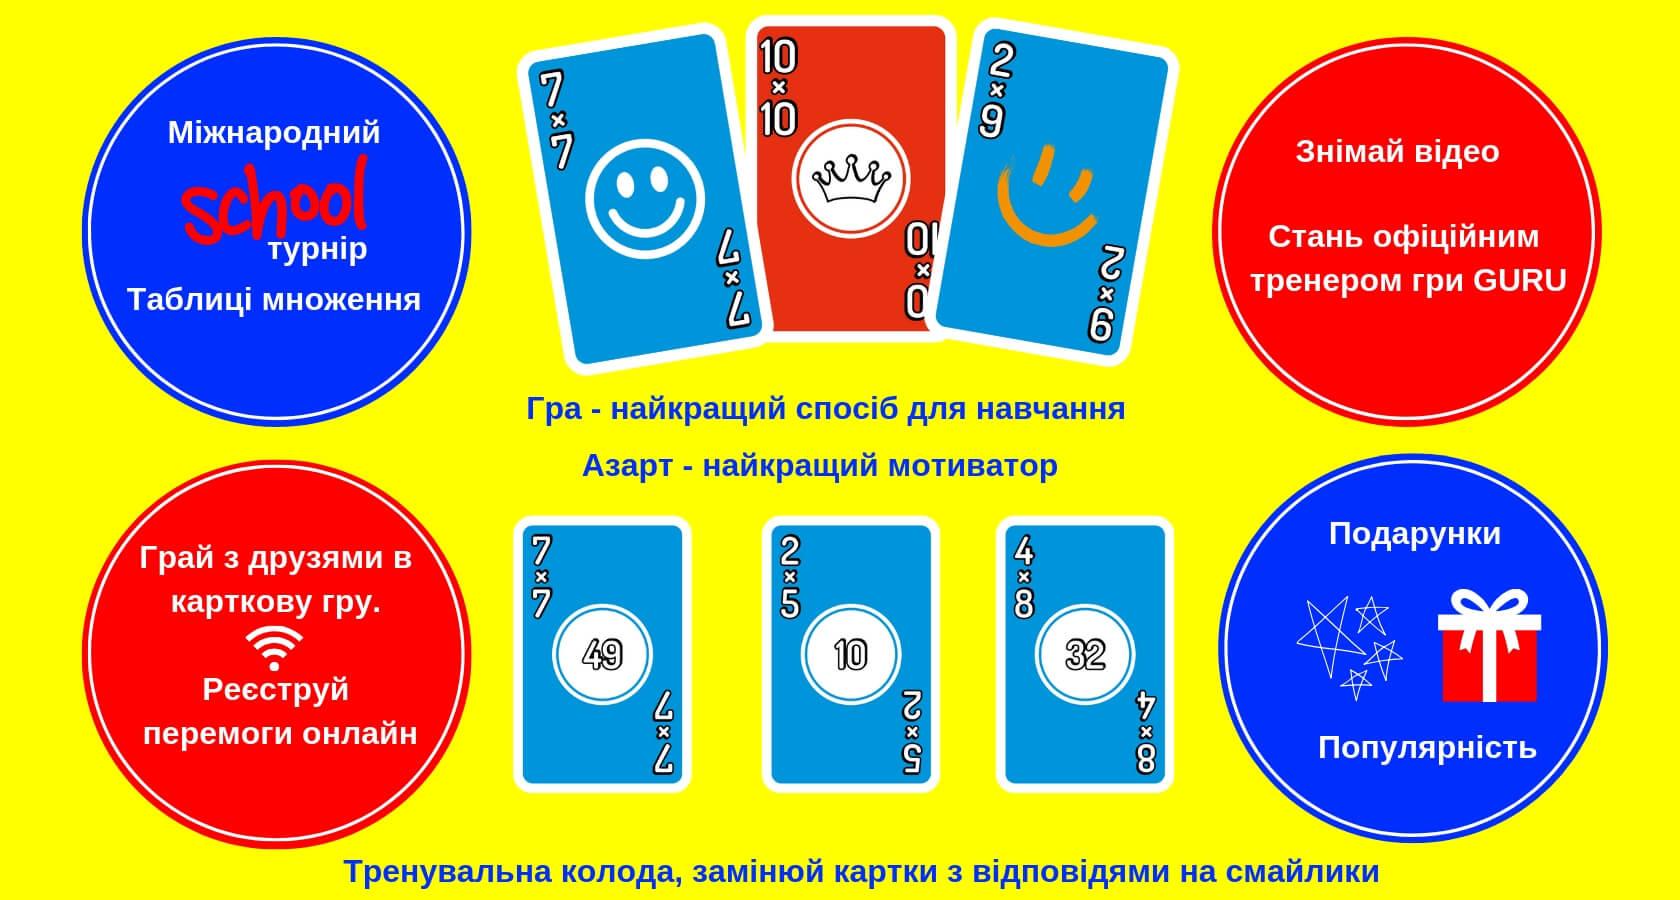 Карткова гра уно грати онлайн